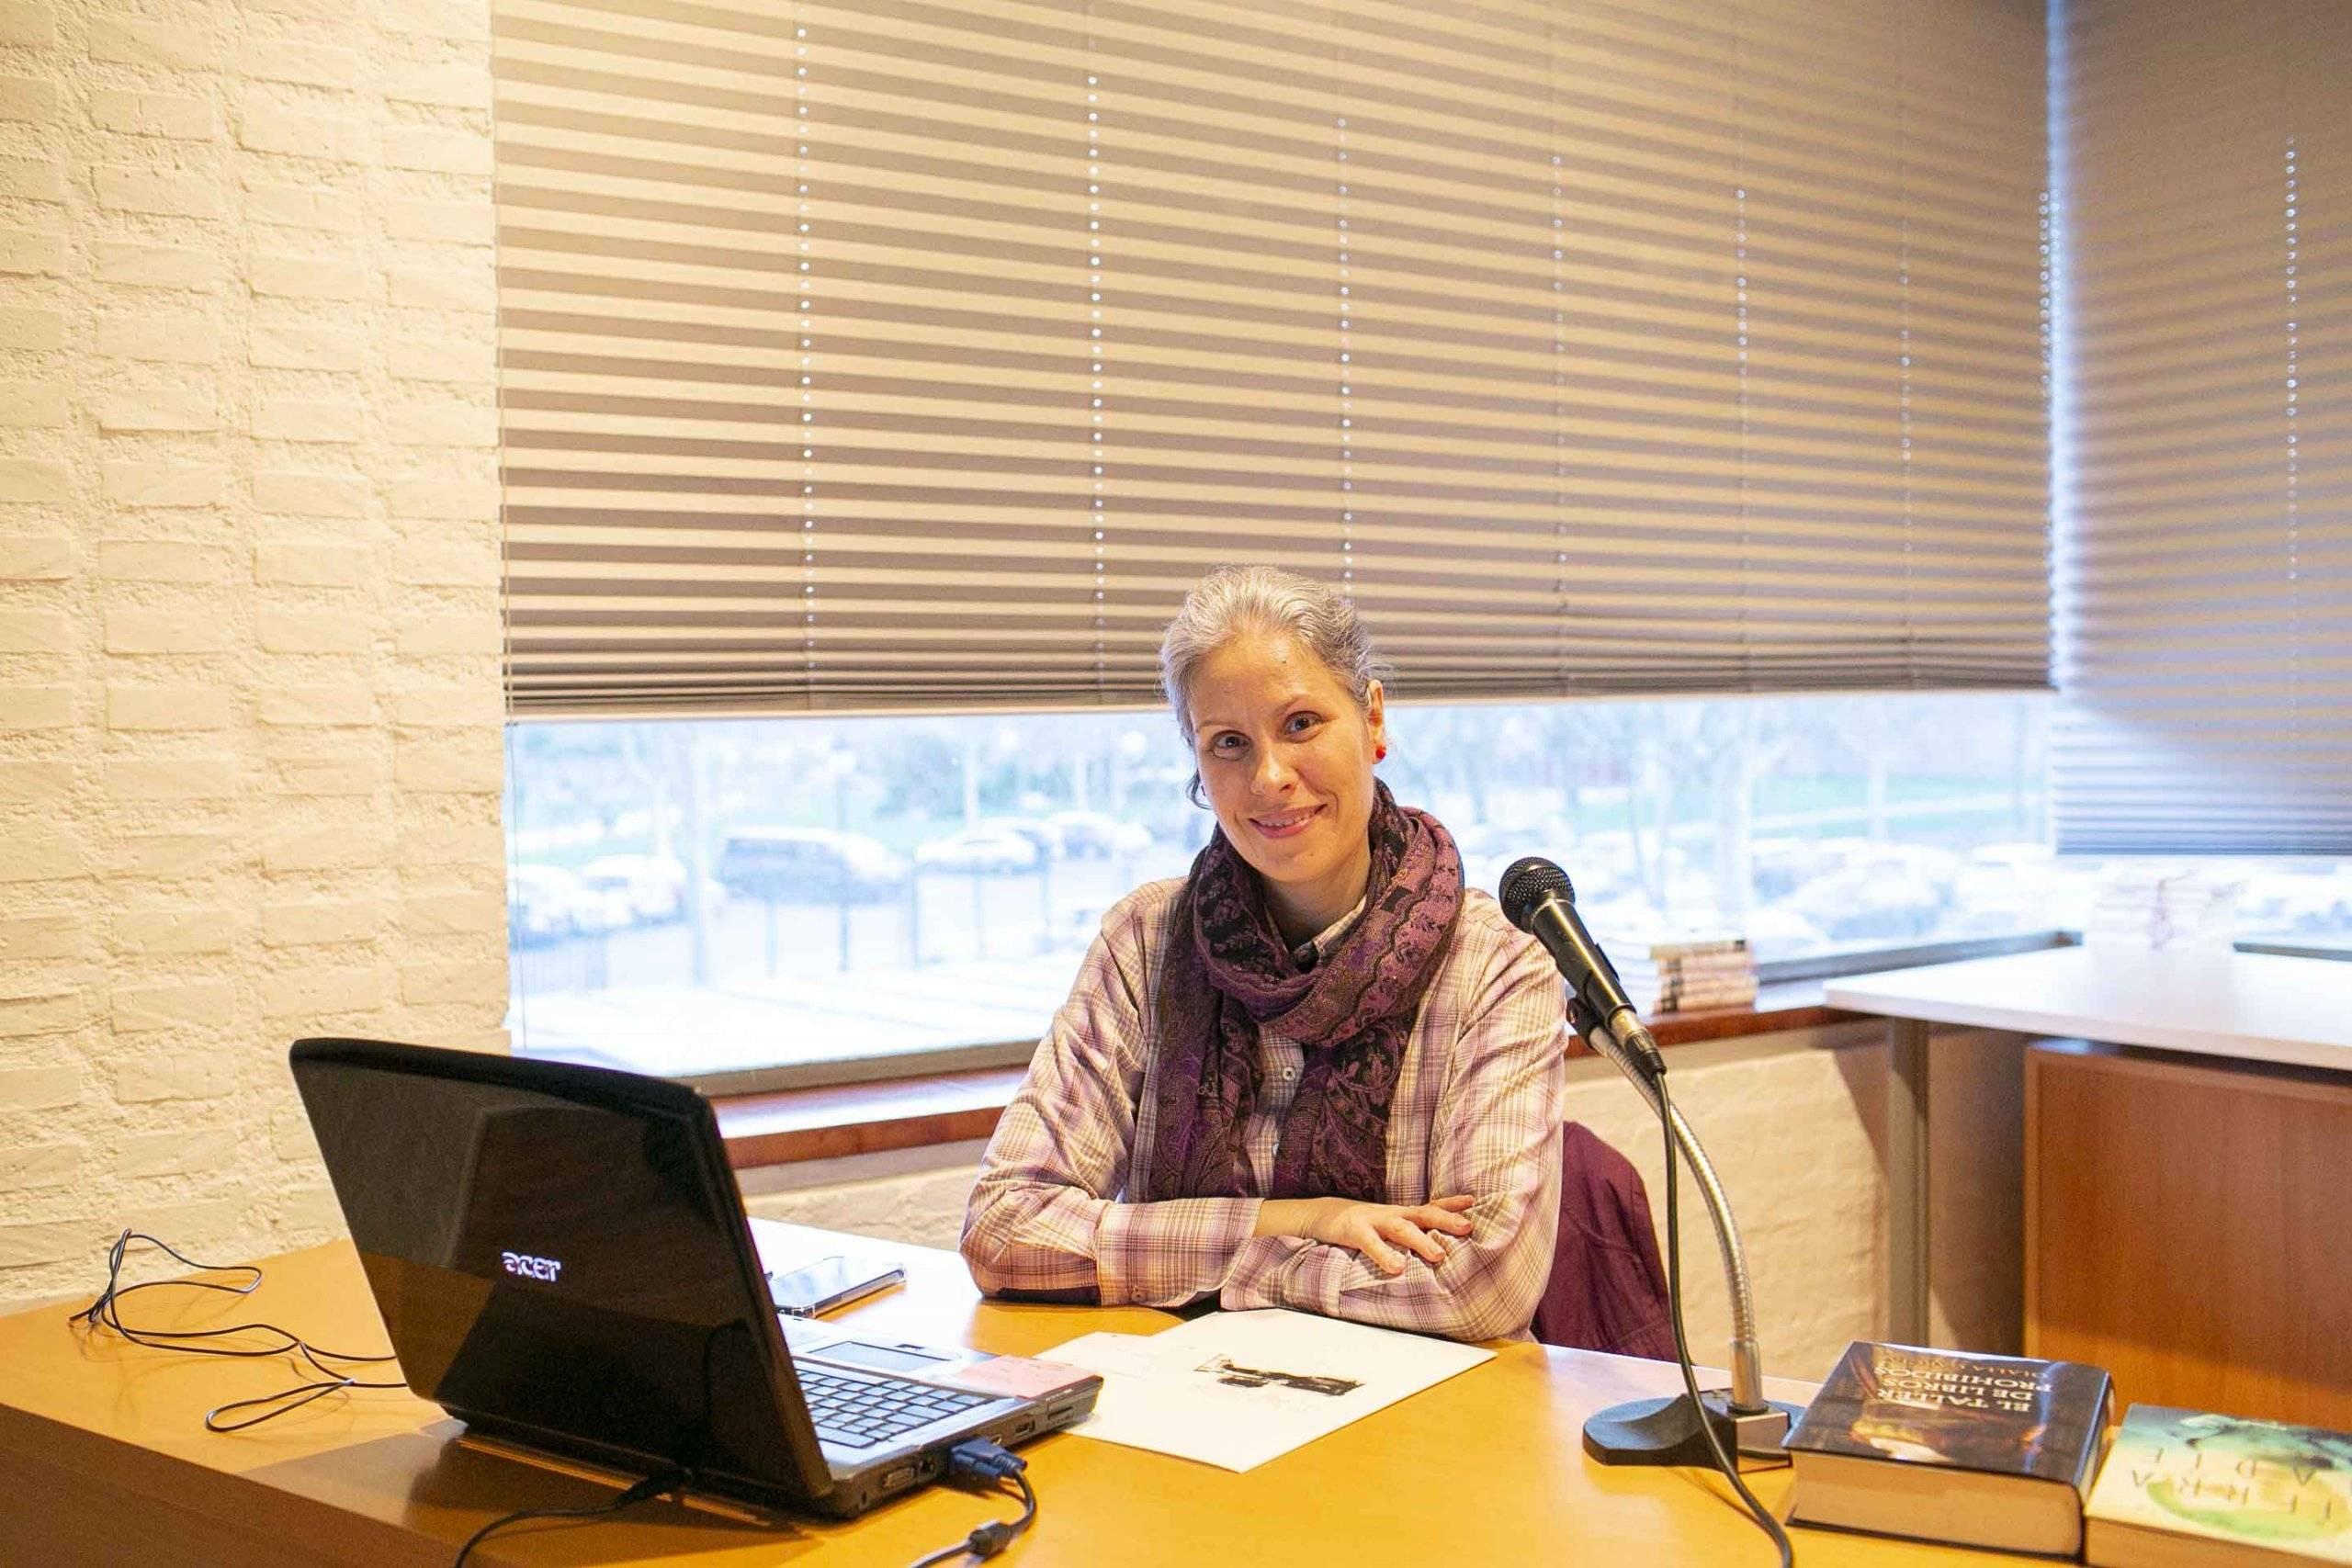 La escritora, historiadora y profesora de Literatura, Olalla García